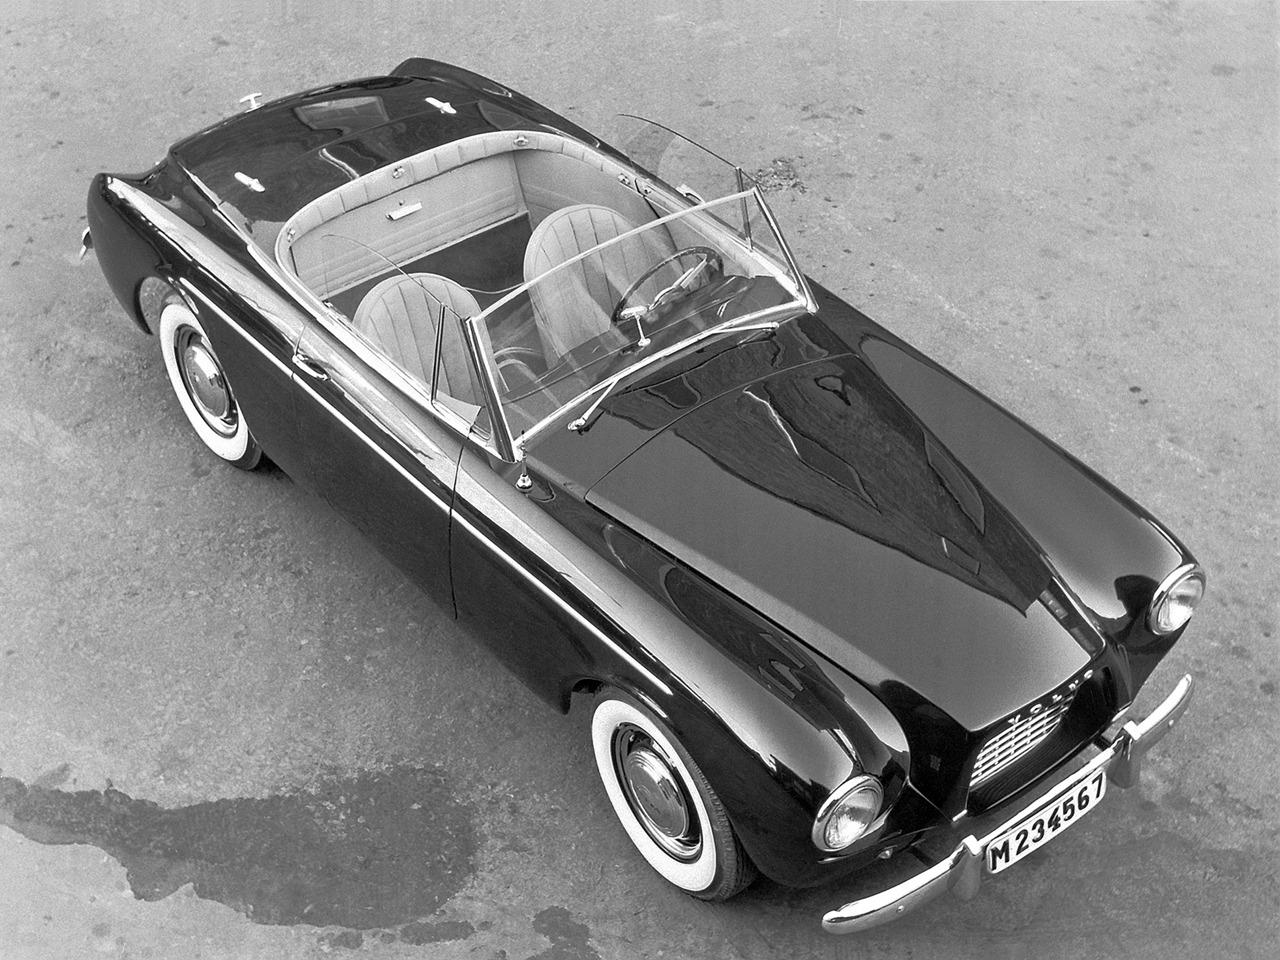 Exceptional Volvo_p1900_sport_prototype_1 Volvo_p1900_sport_prototype_2  Volvo_p1900_sport_prototype_3